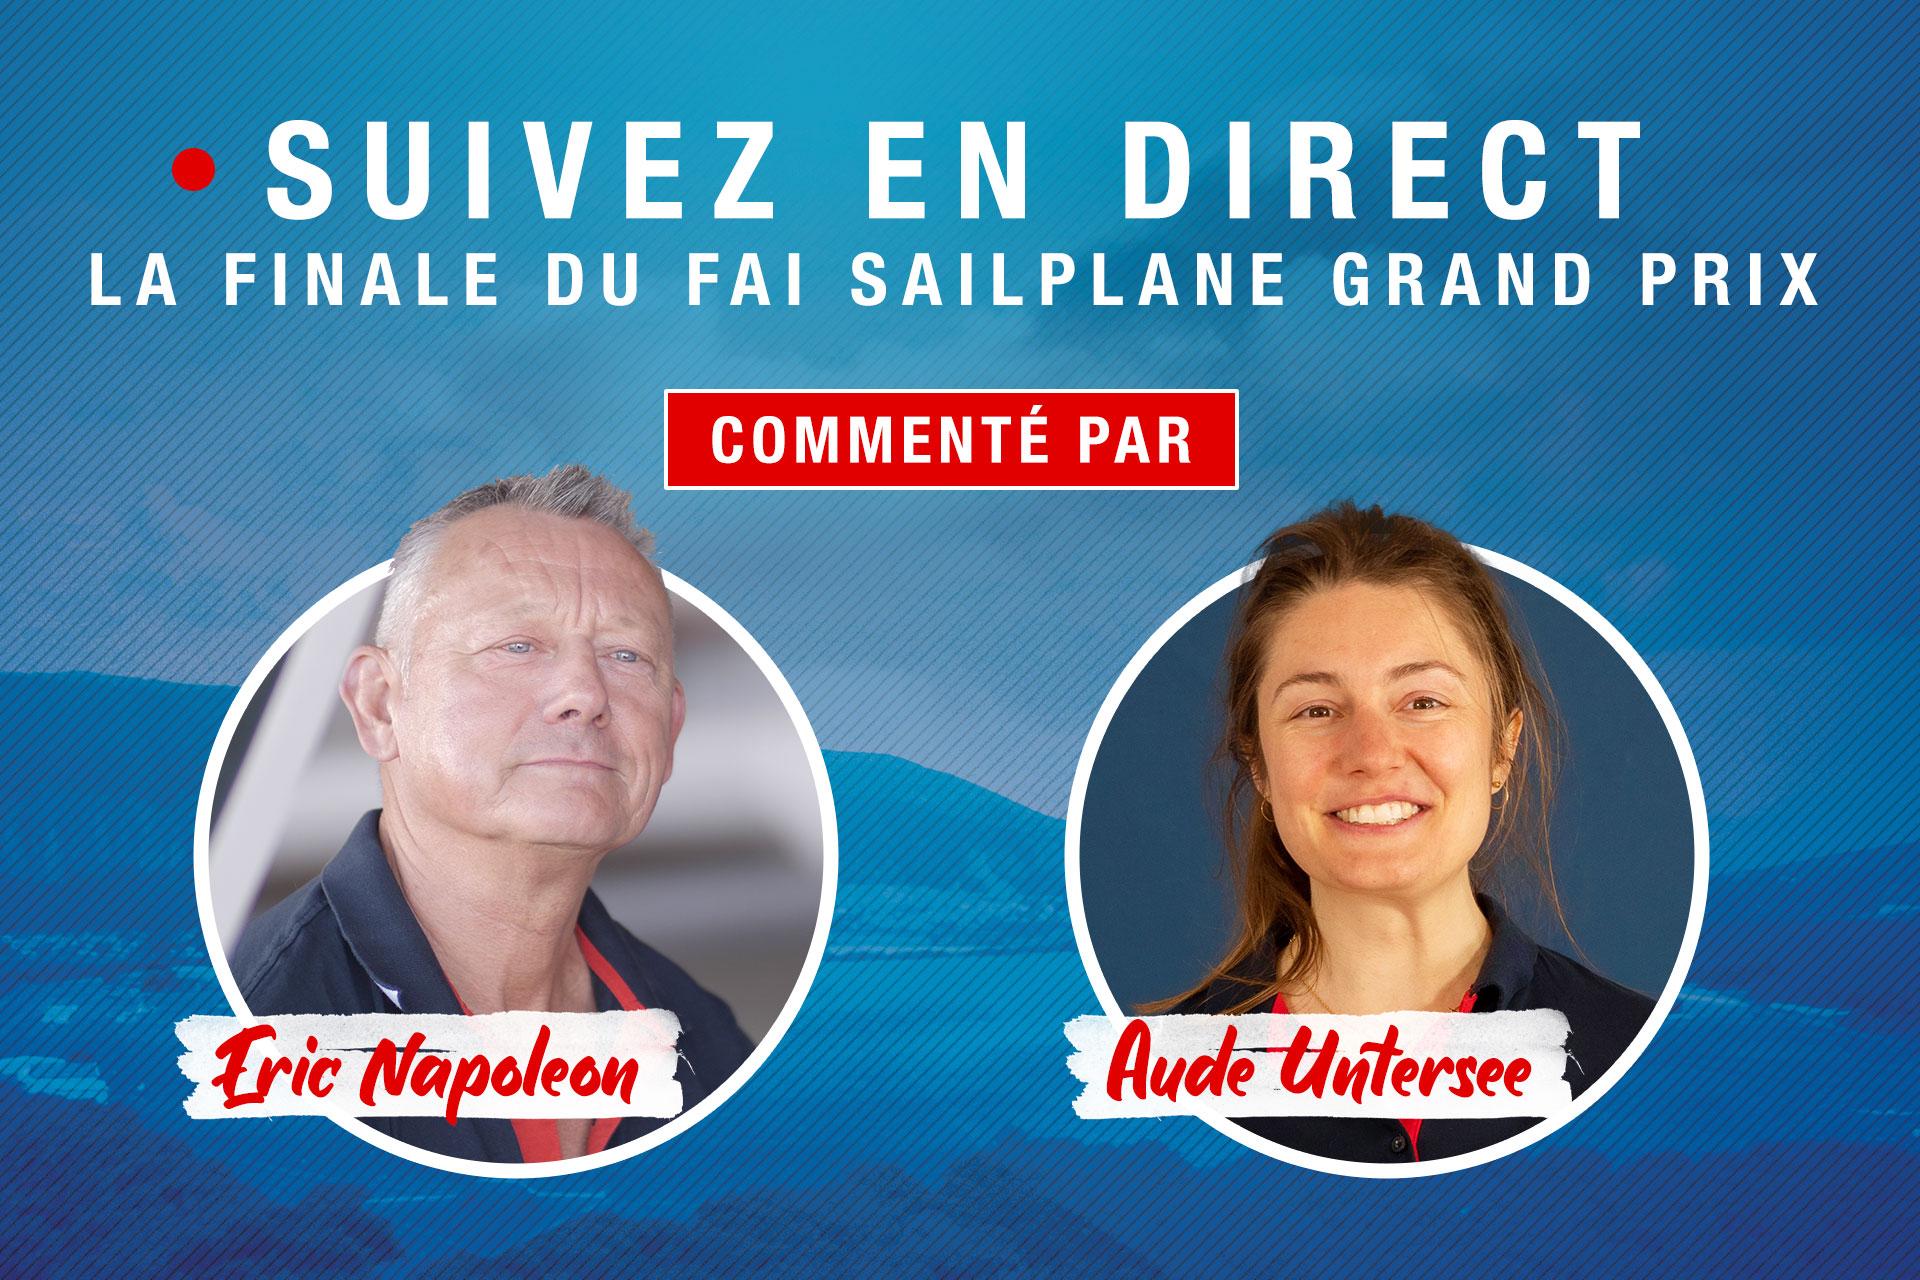 Suivez la finale du FAI Sailplane Grand Prix en direct